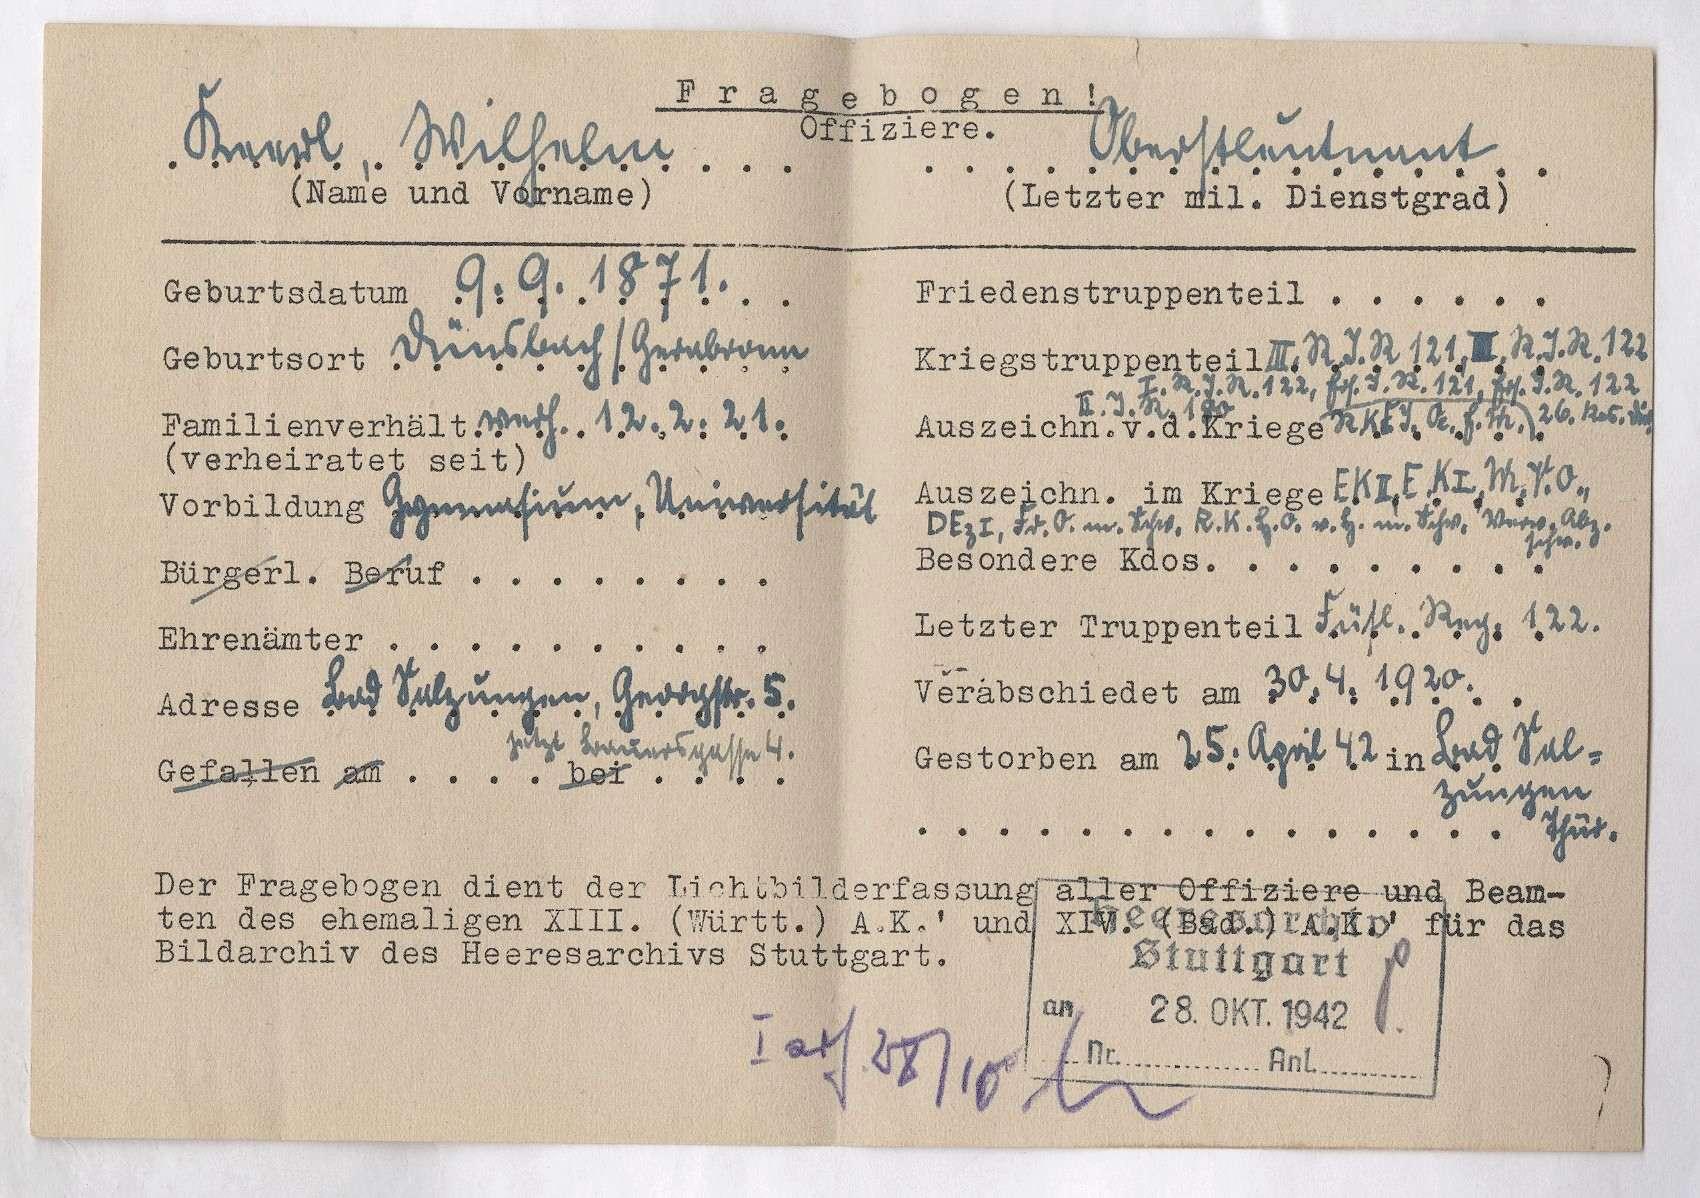 Keerl, Wilhelm, Bild 2